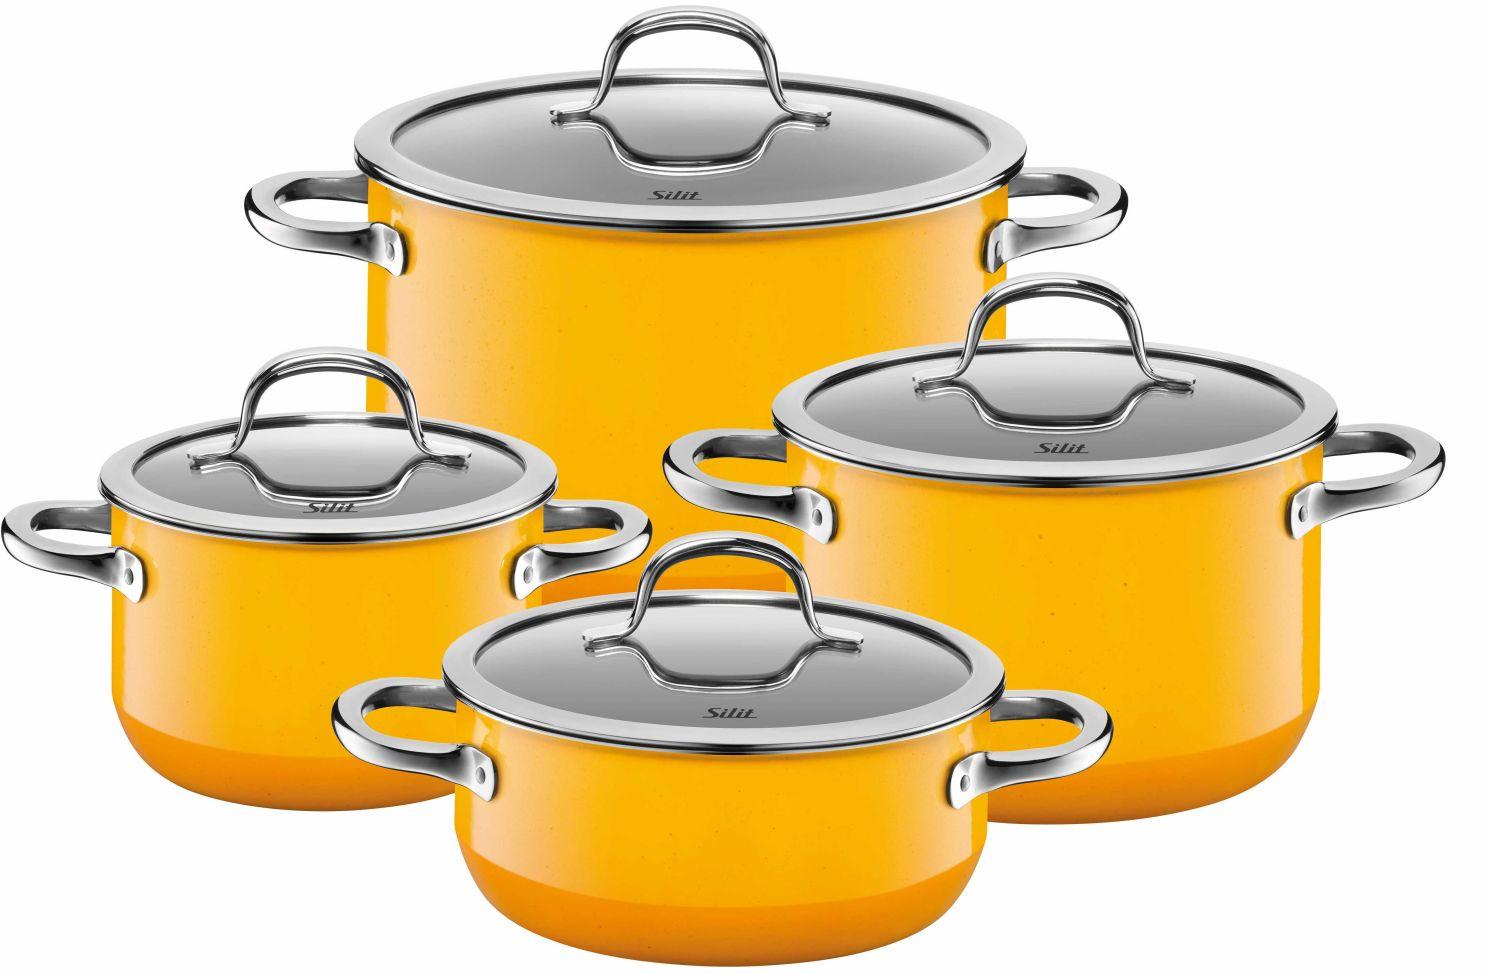 Sada nádobí Passion Colours Yellow 4-díly - Silit